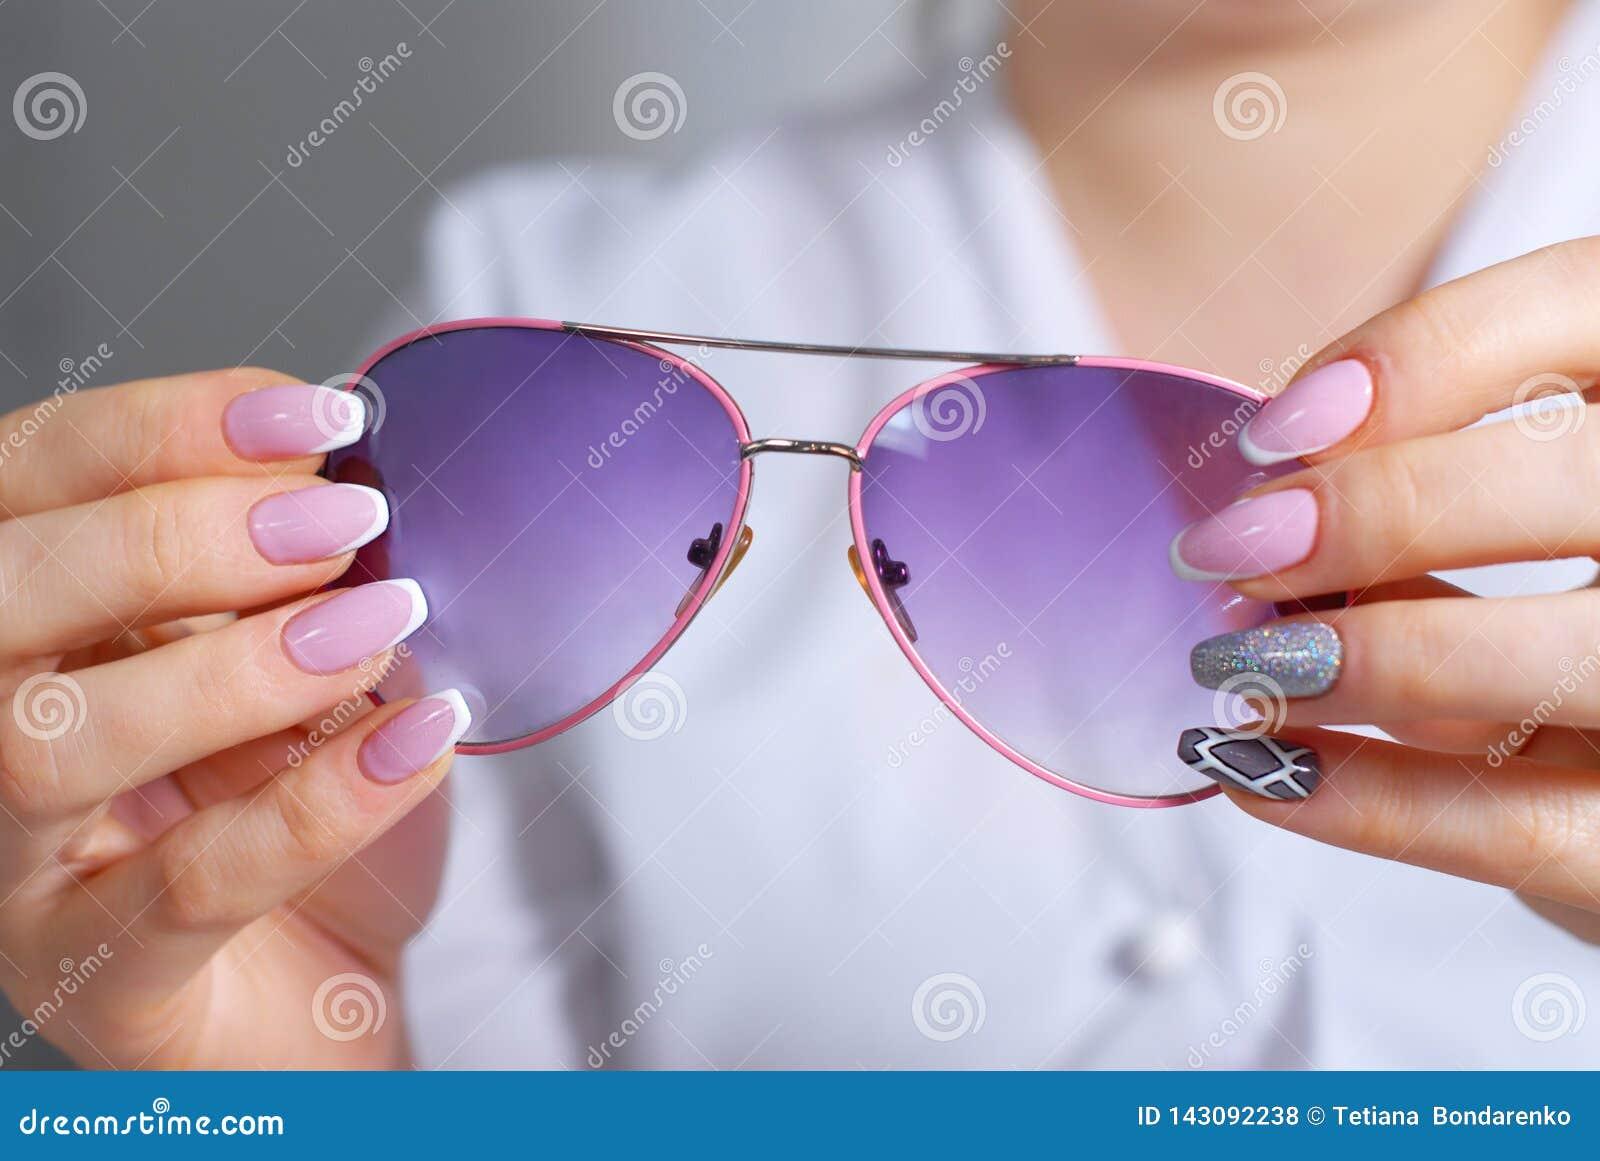 Руки женщины с красивым маникюром рассматривают солнечные очки